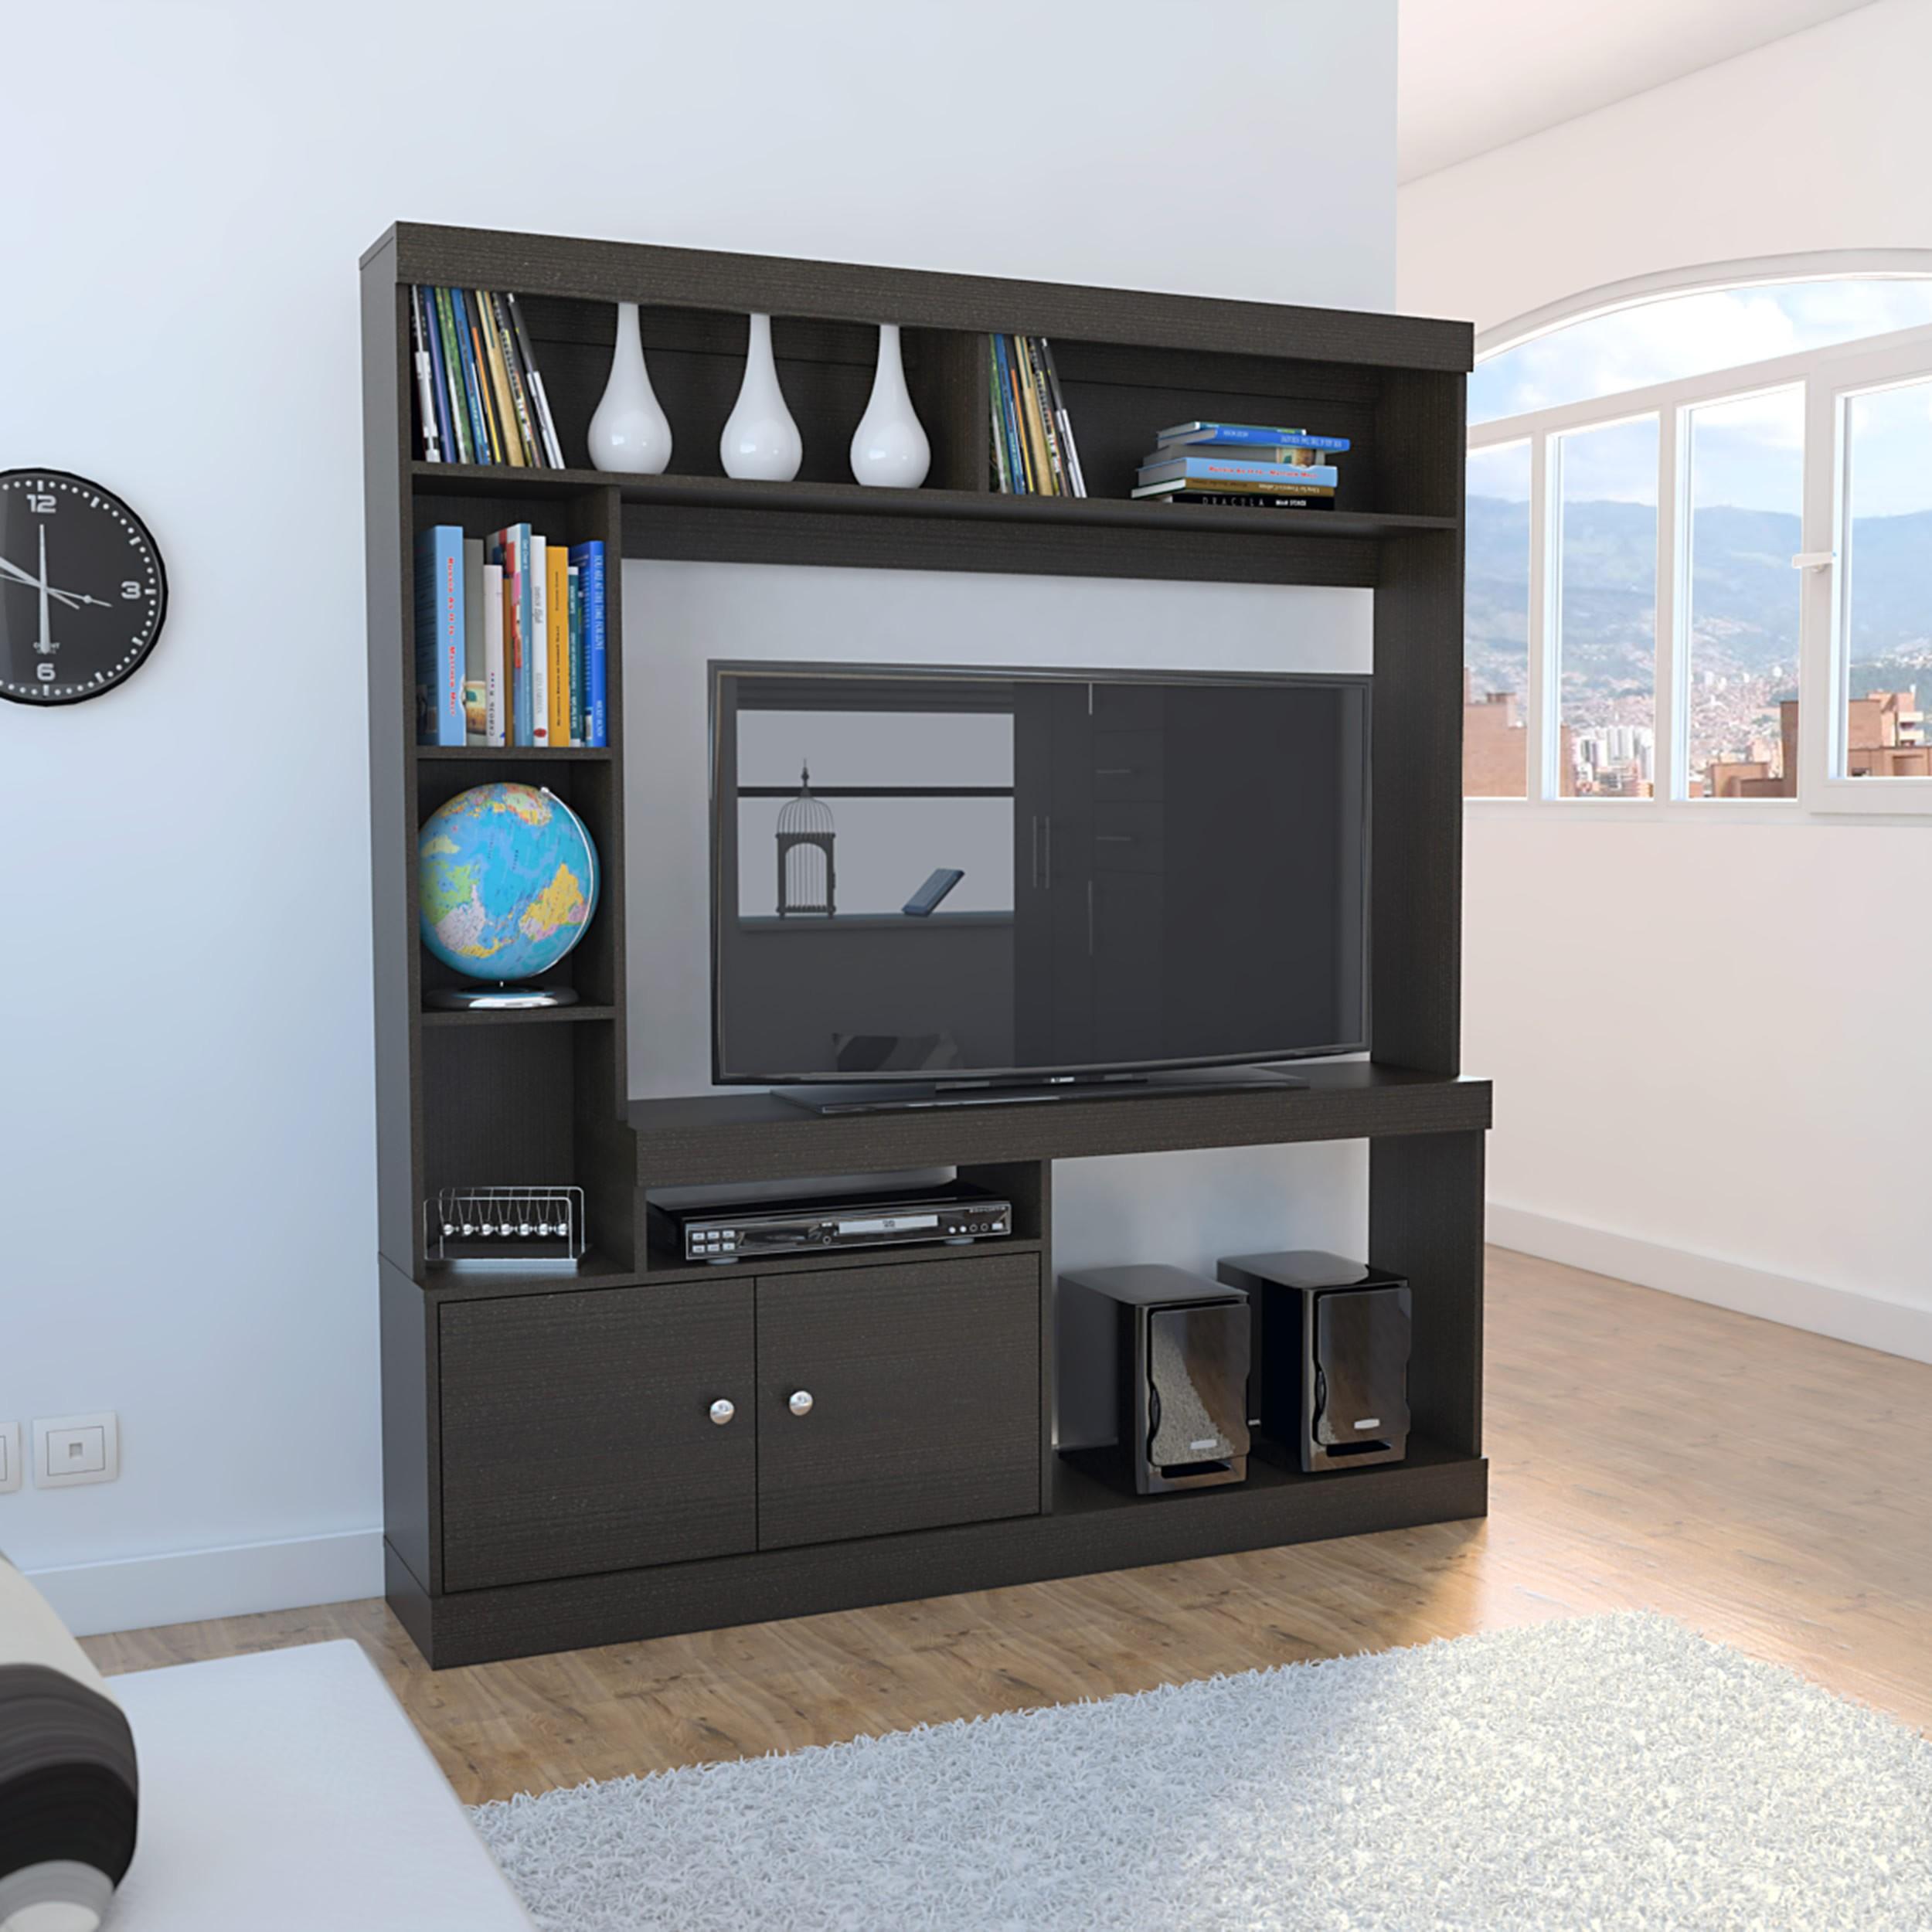 Modelos de muebles para televisor los dos modelos de for Modelos de muebles para tv modernos